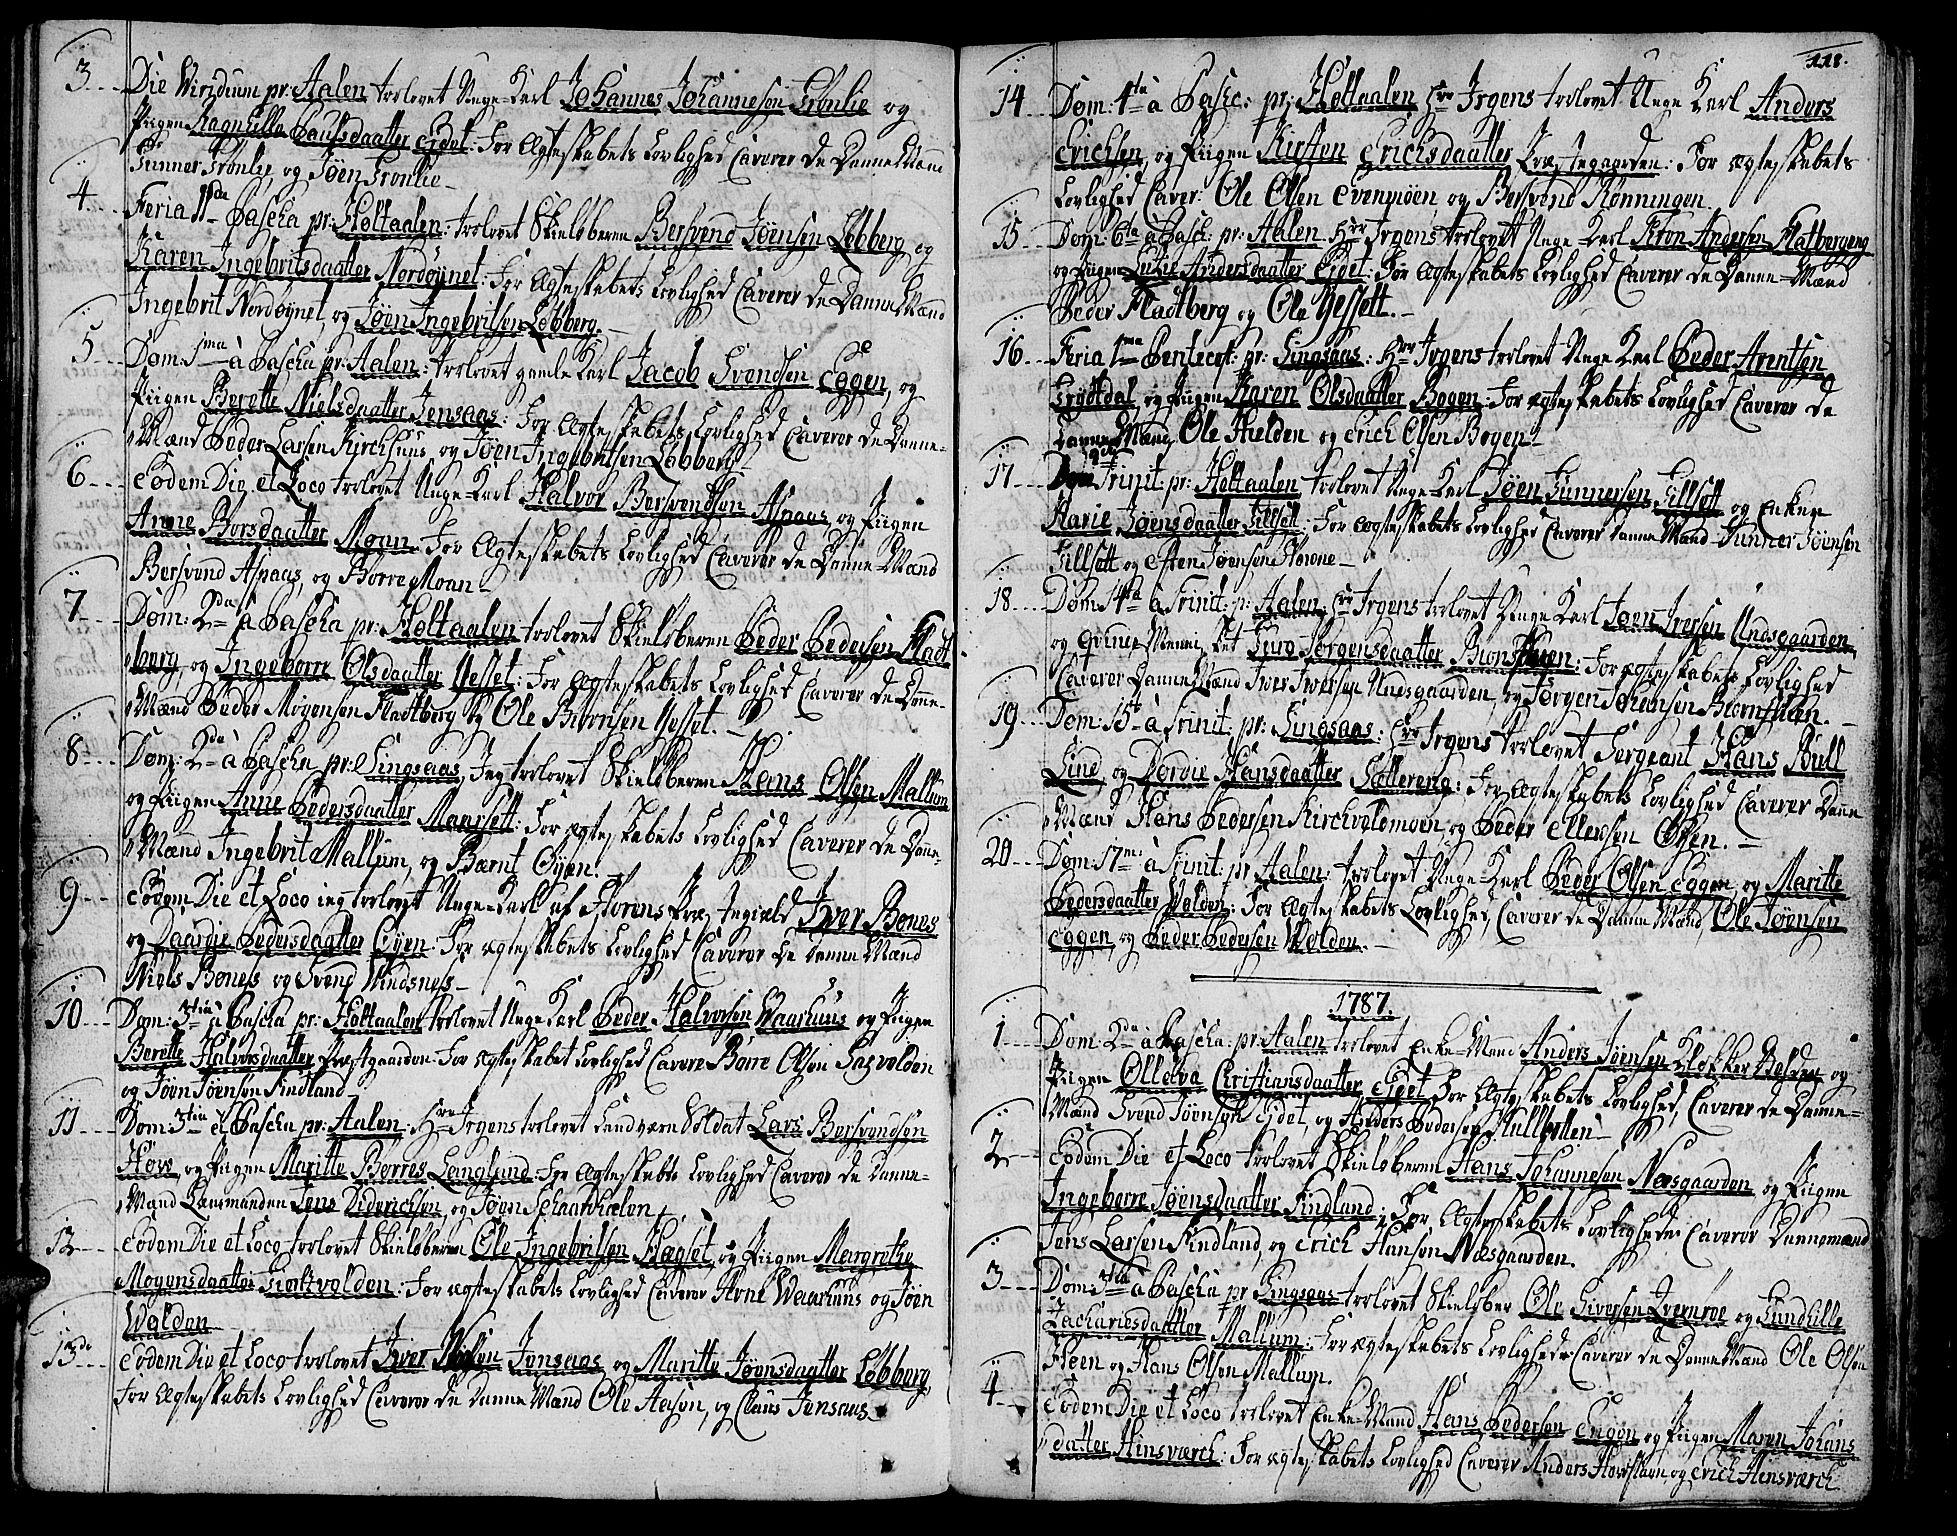 SAT, Ministerialprotokoller, klokkerbøker og fødselsregistre - Sør-Trøndelag, 685/L0952: Ministerialbok nr. 685A01, 1745-1804, s. 118